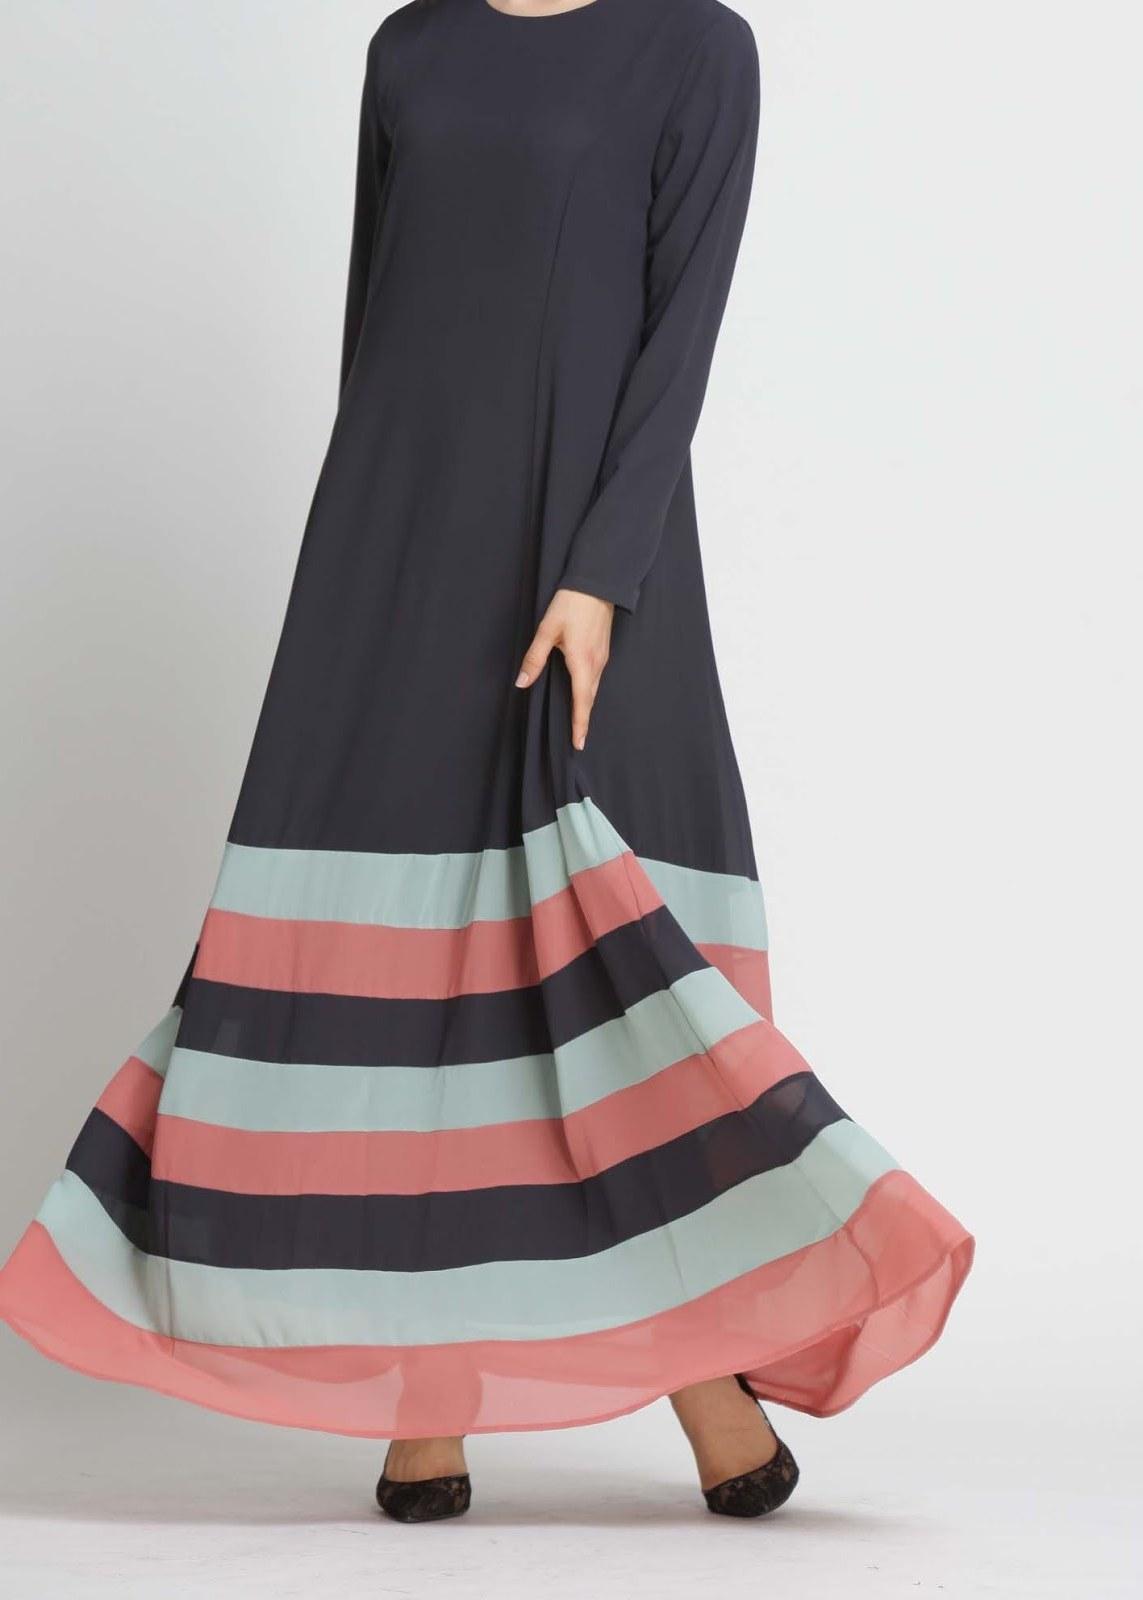 Ide Jual Baju Pengantin Muslimah Syar'i Drdp norzi Beautilicious House Nbh0368 Hajar Jubah